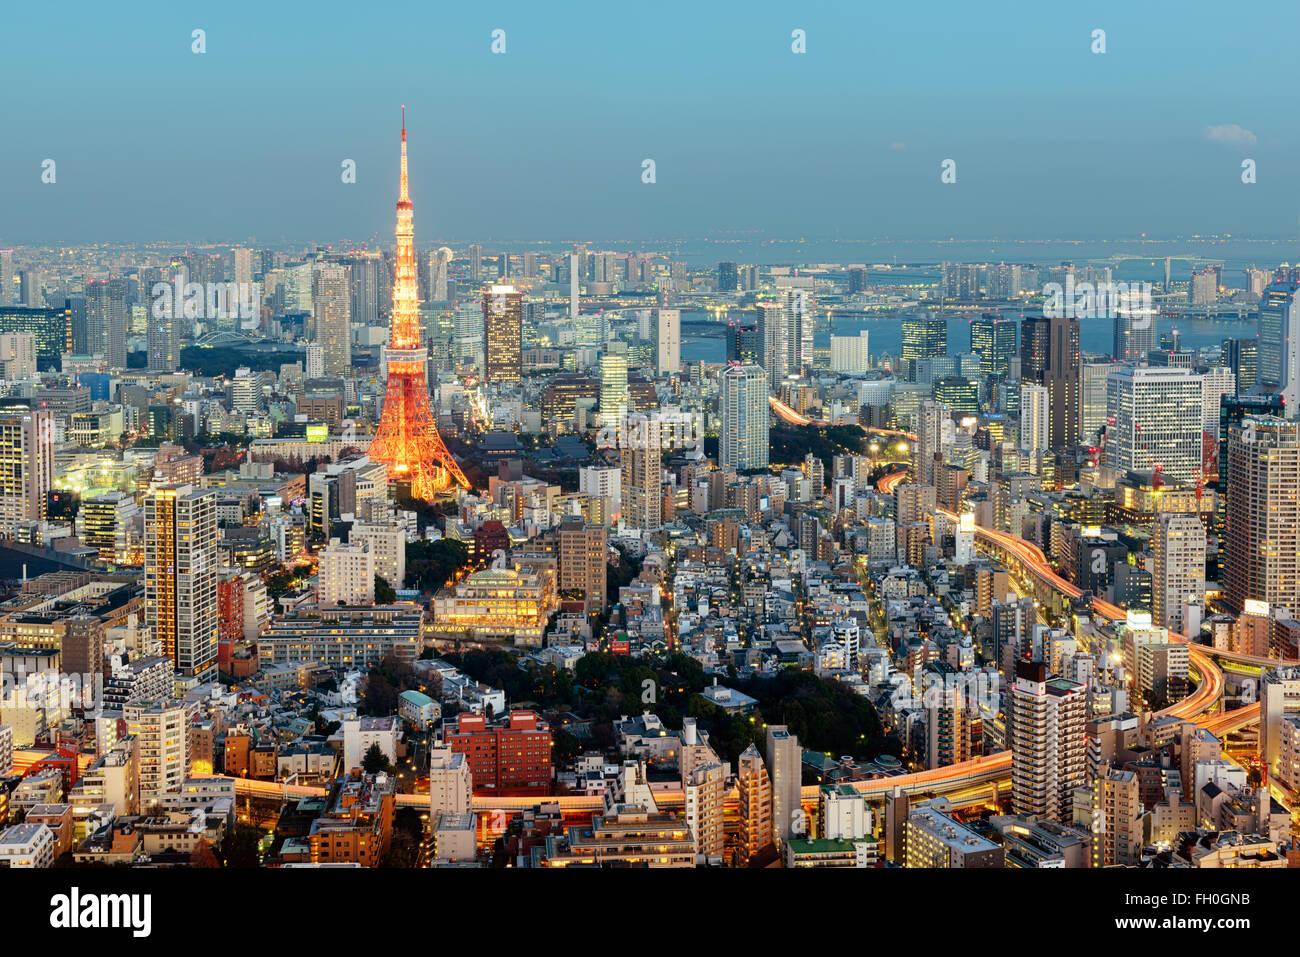 Tokio, Japón - Enero 14, 2016: vista nocturna del horizonte de Tokio con la icónica Torre de Tokio en Imagen De Stock